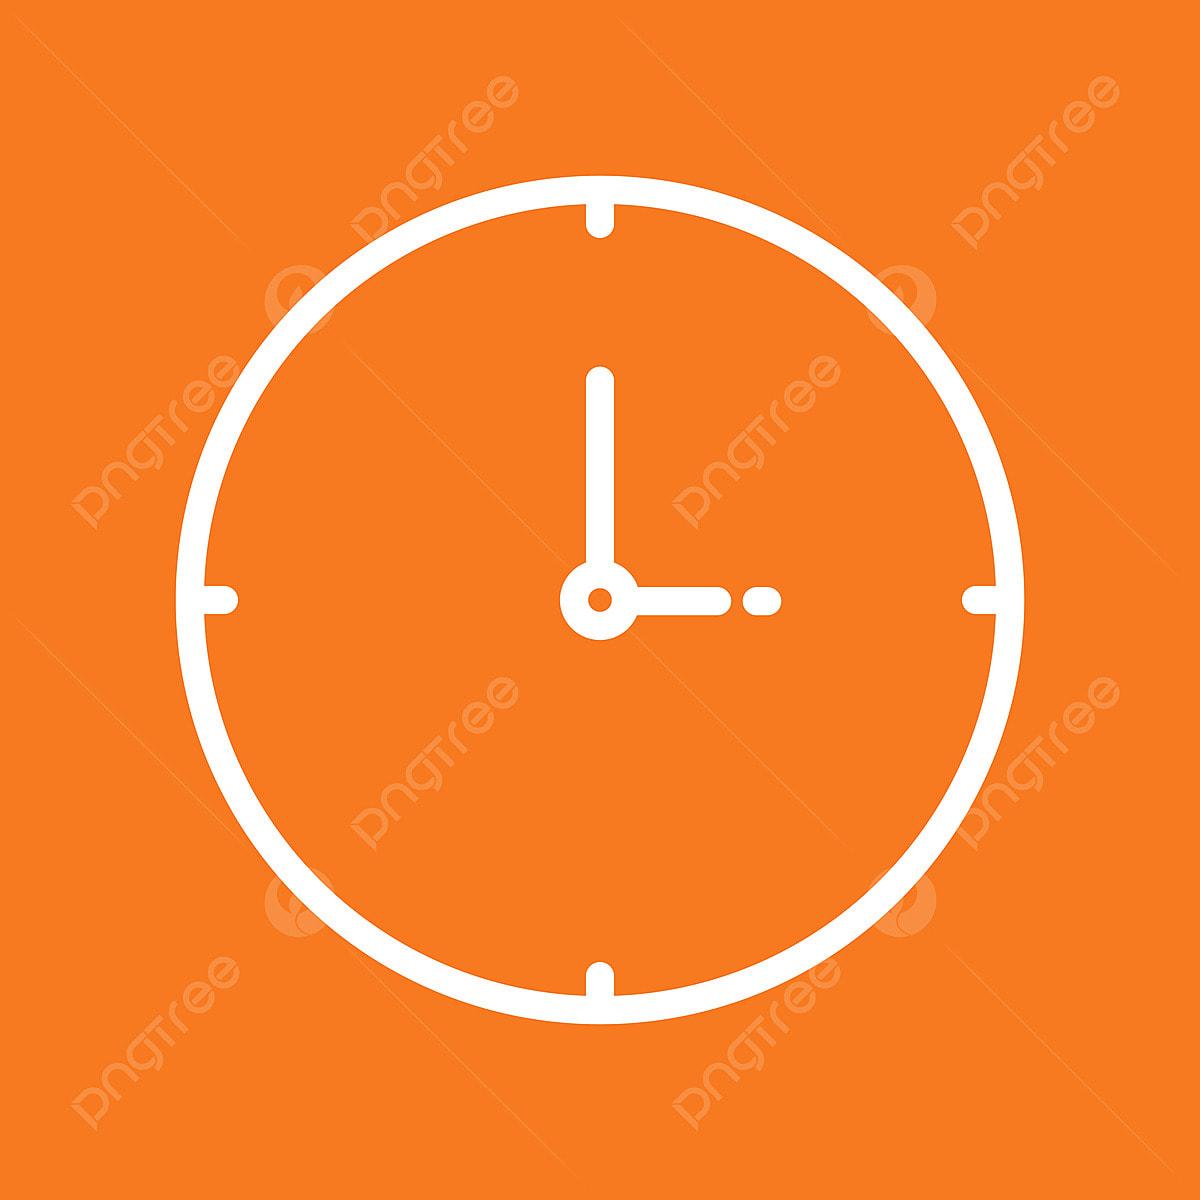 抽象的な背景で隔離の時計アイコン アラーム クロック 時間画像素材の無料ダウンロードのためのpngとベクトル